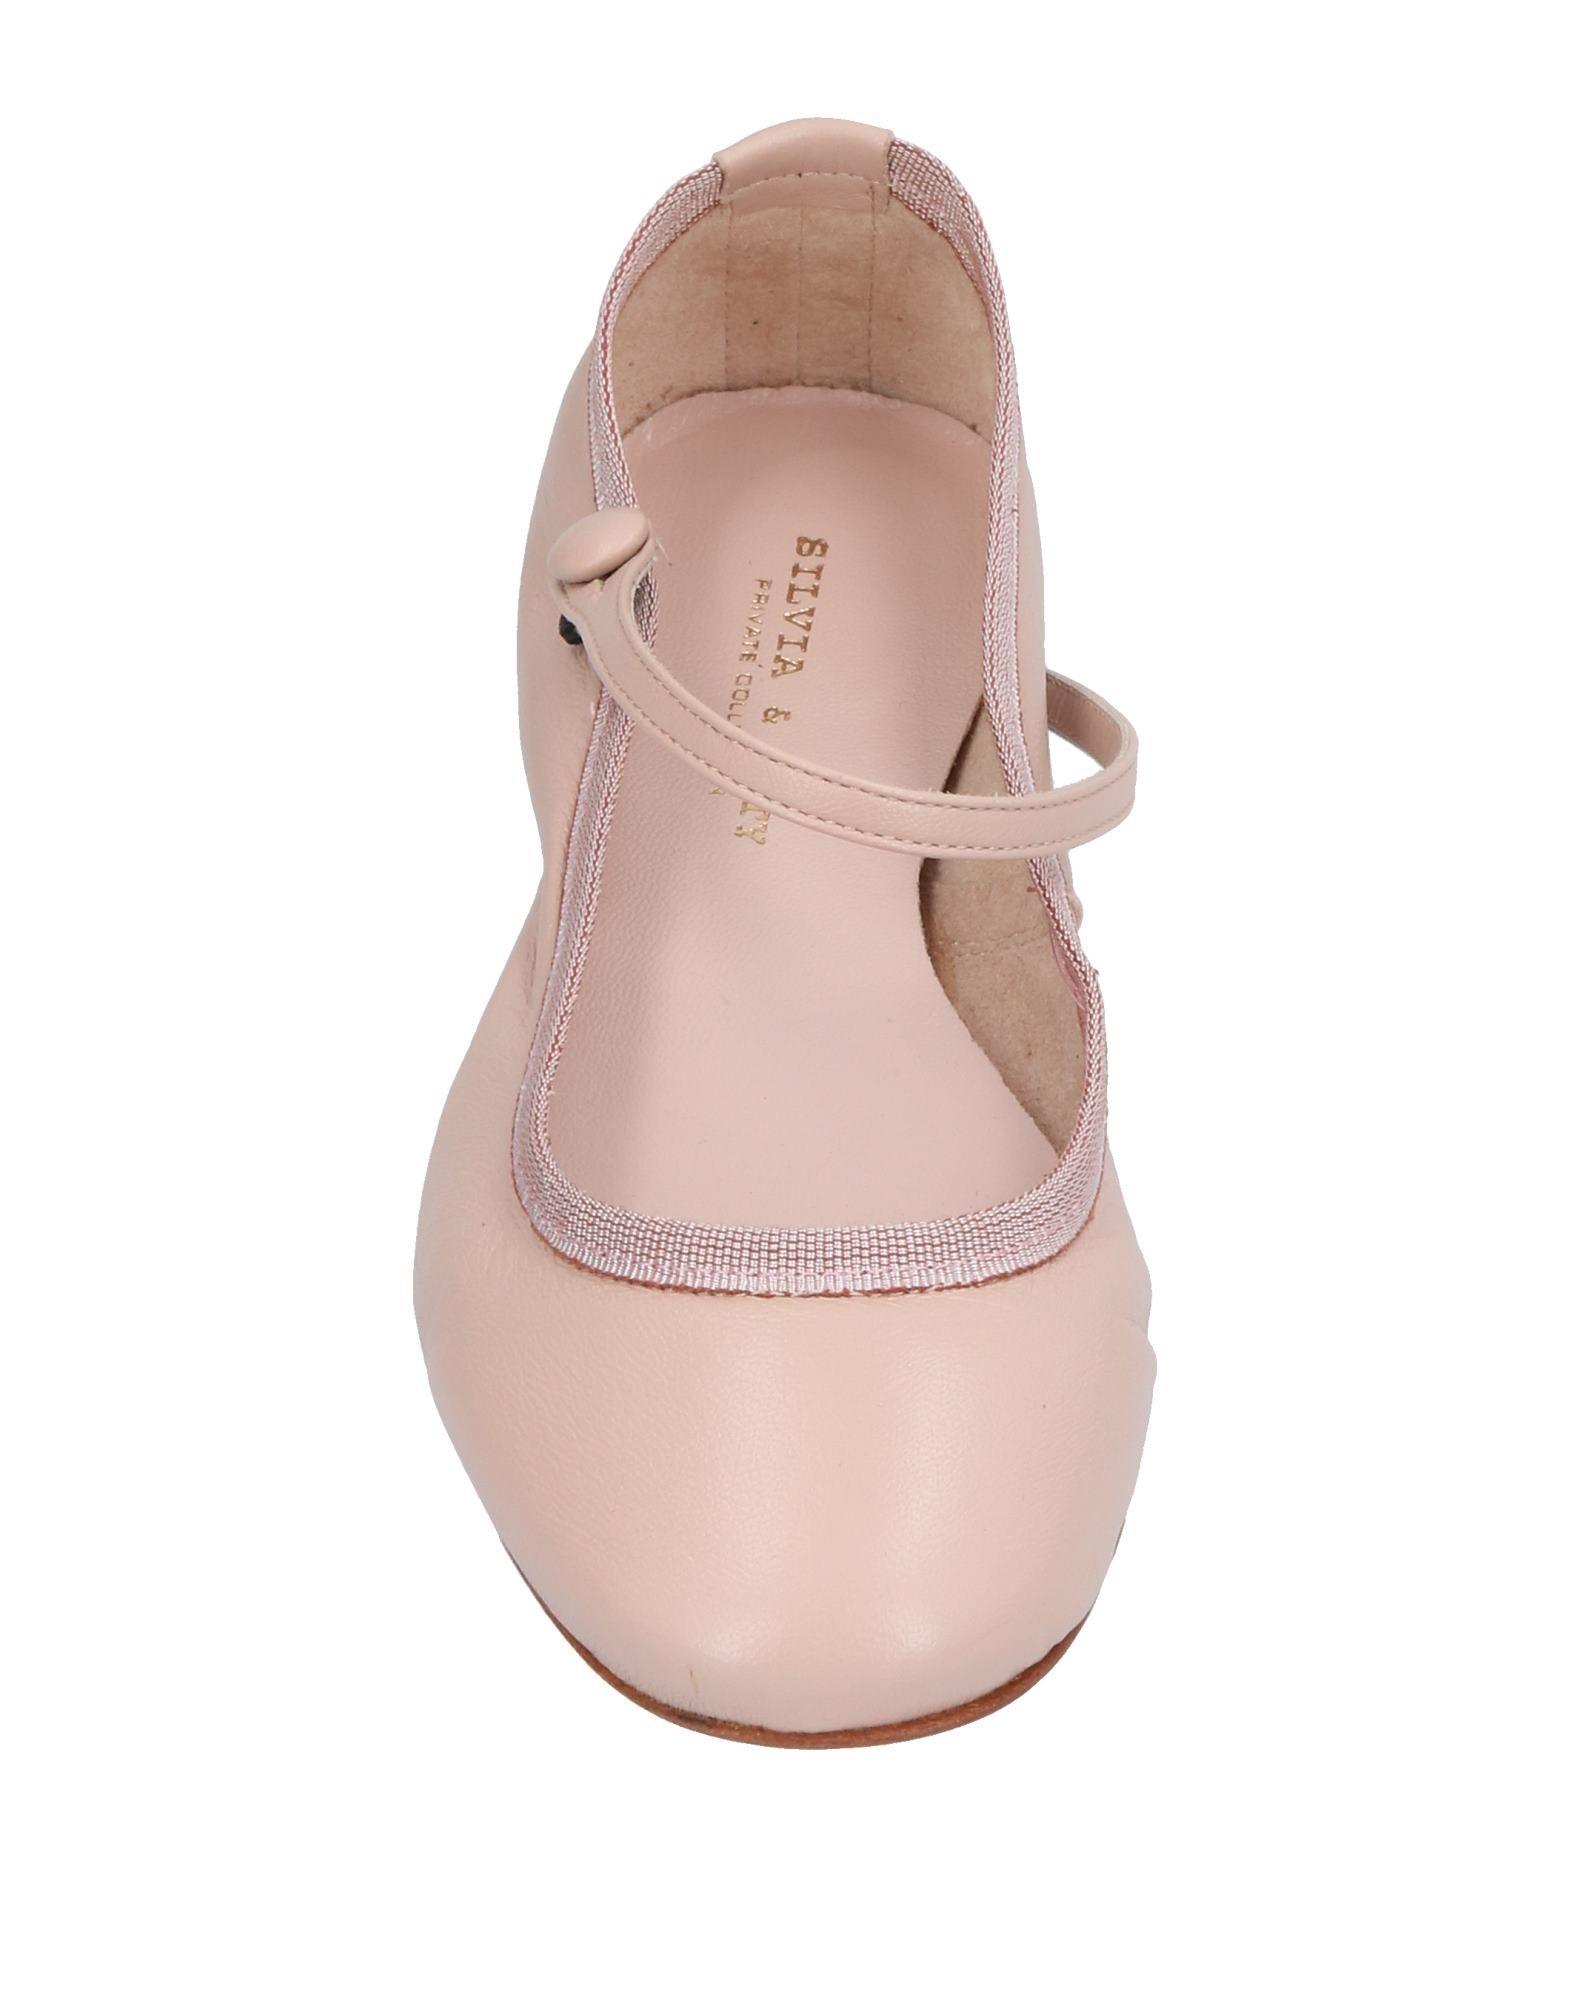 Silvia Ballerinas & Katy Ballerinas Silvia Damen  11382700DI  879bdc